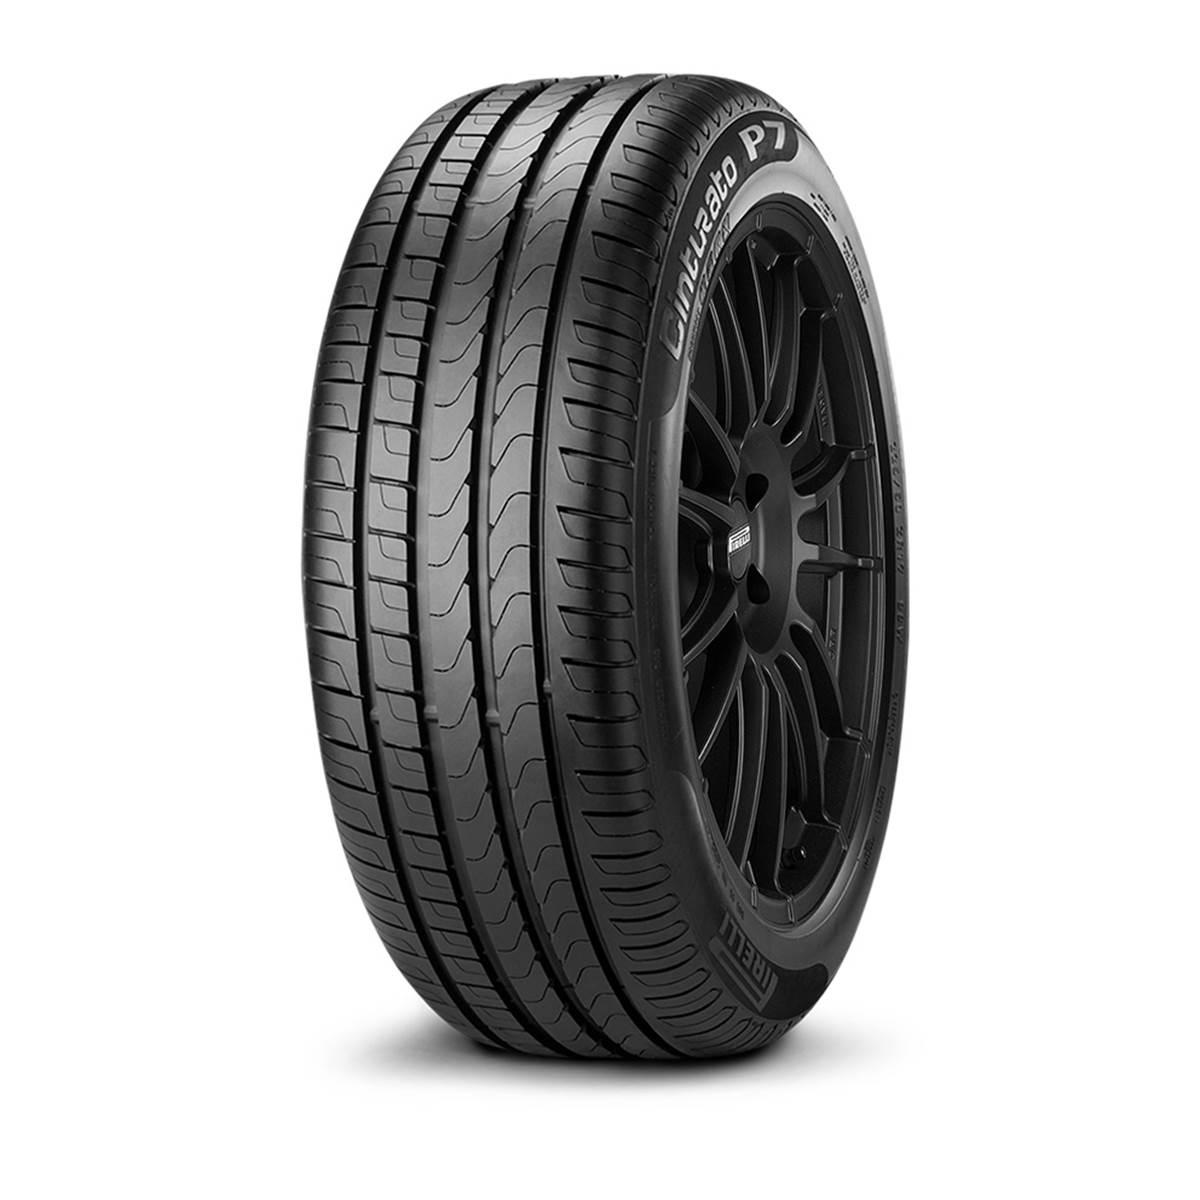 Pneu Runflat Pirelli 225/50R17 94V Cinturato P7